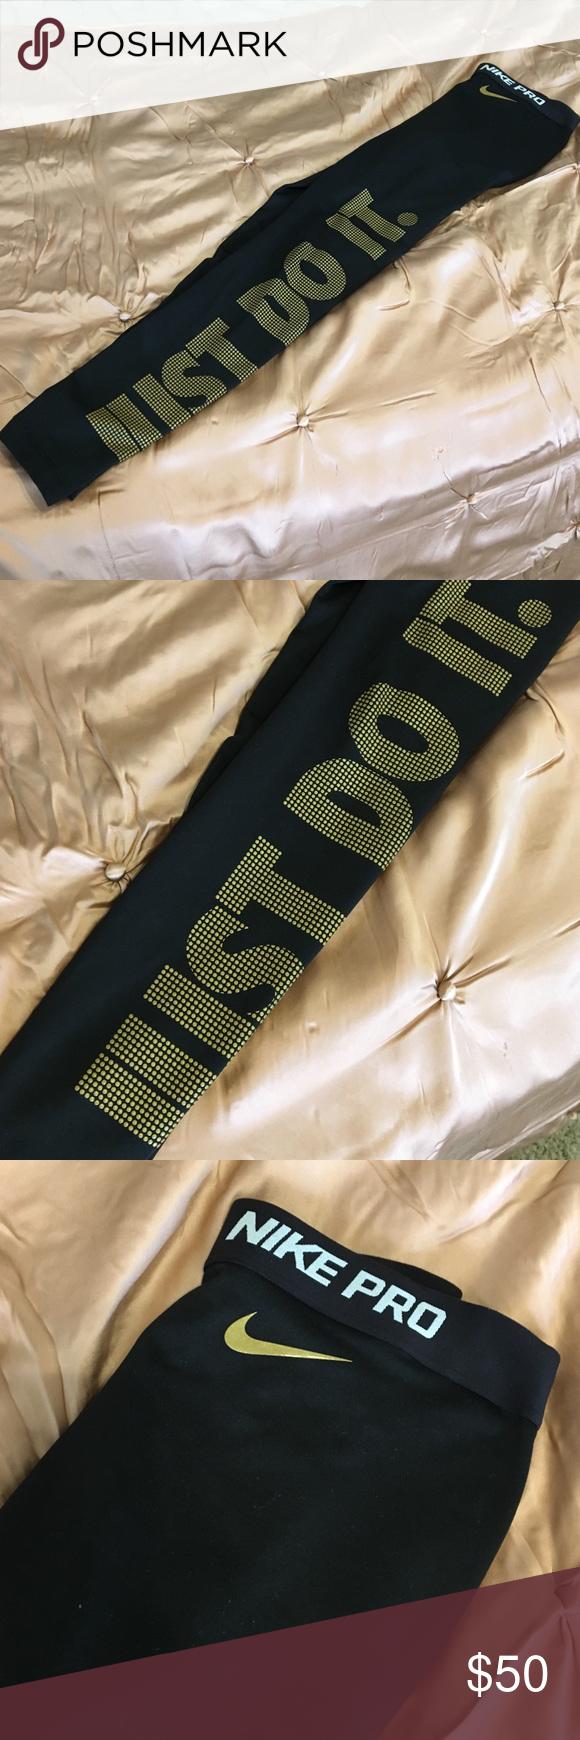 83ffc1e6a7abe Nike Pro Just Do It Pant Black and gold leggings Nike Pants Leggings ...